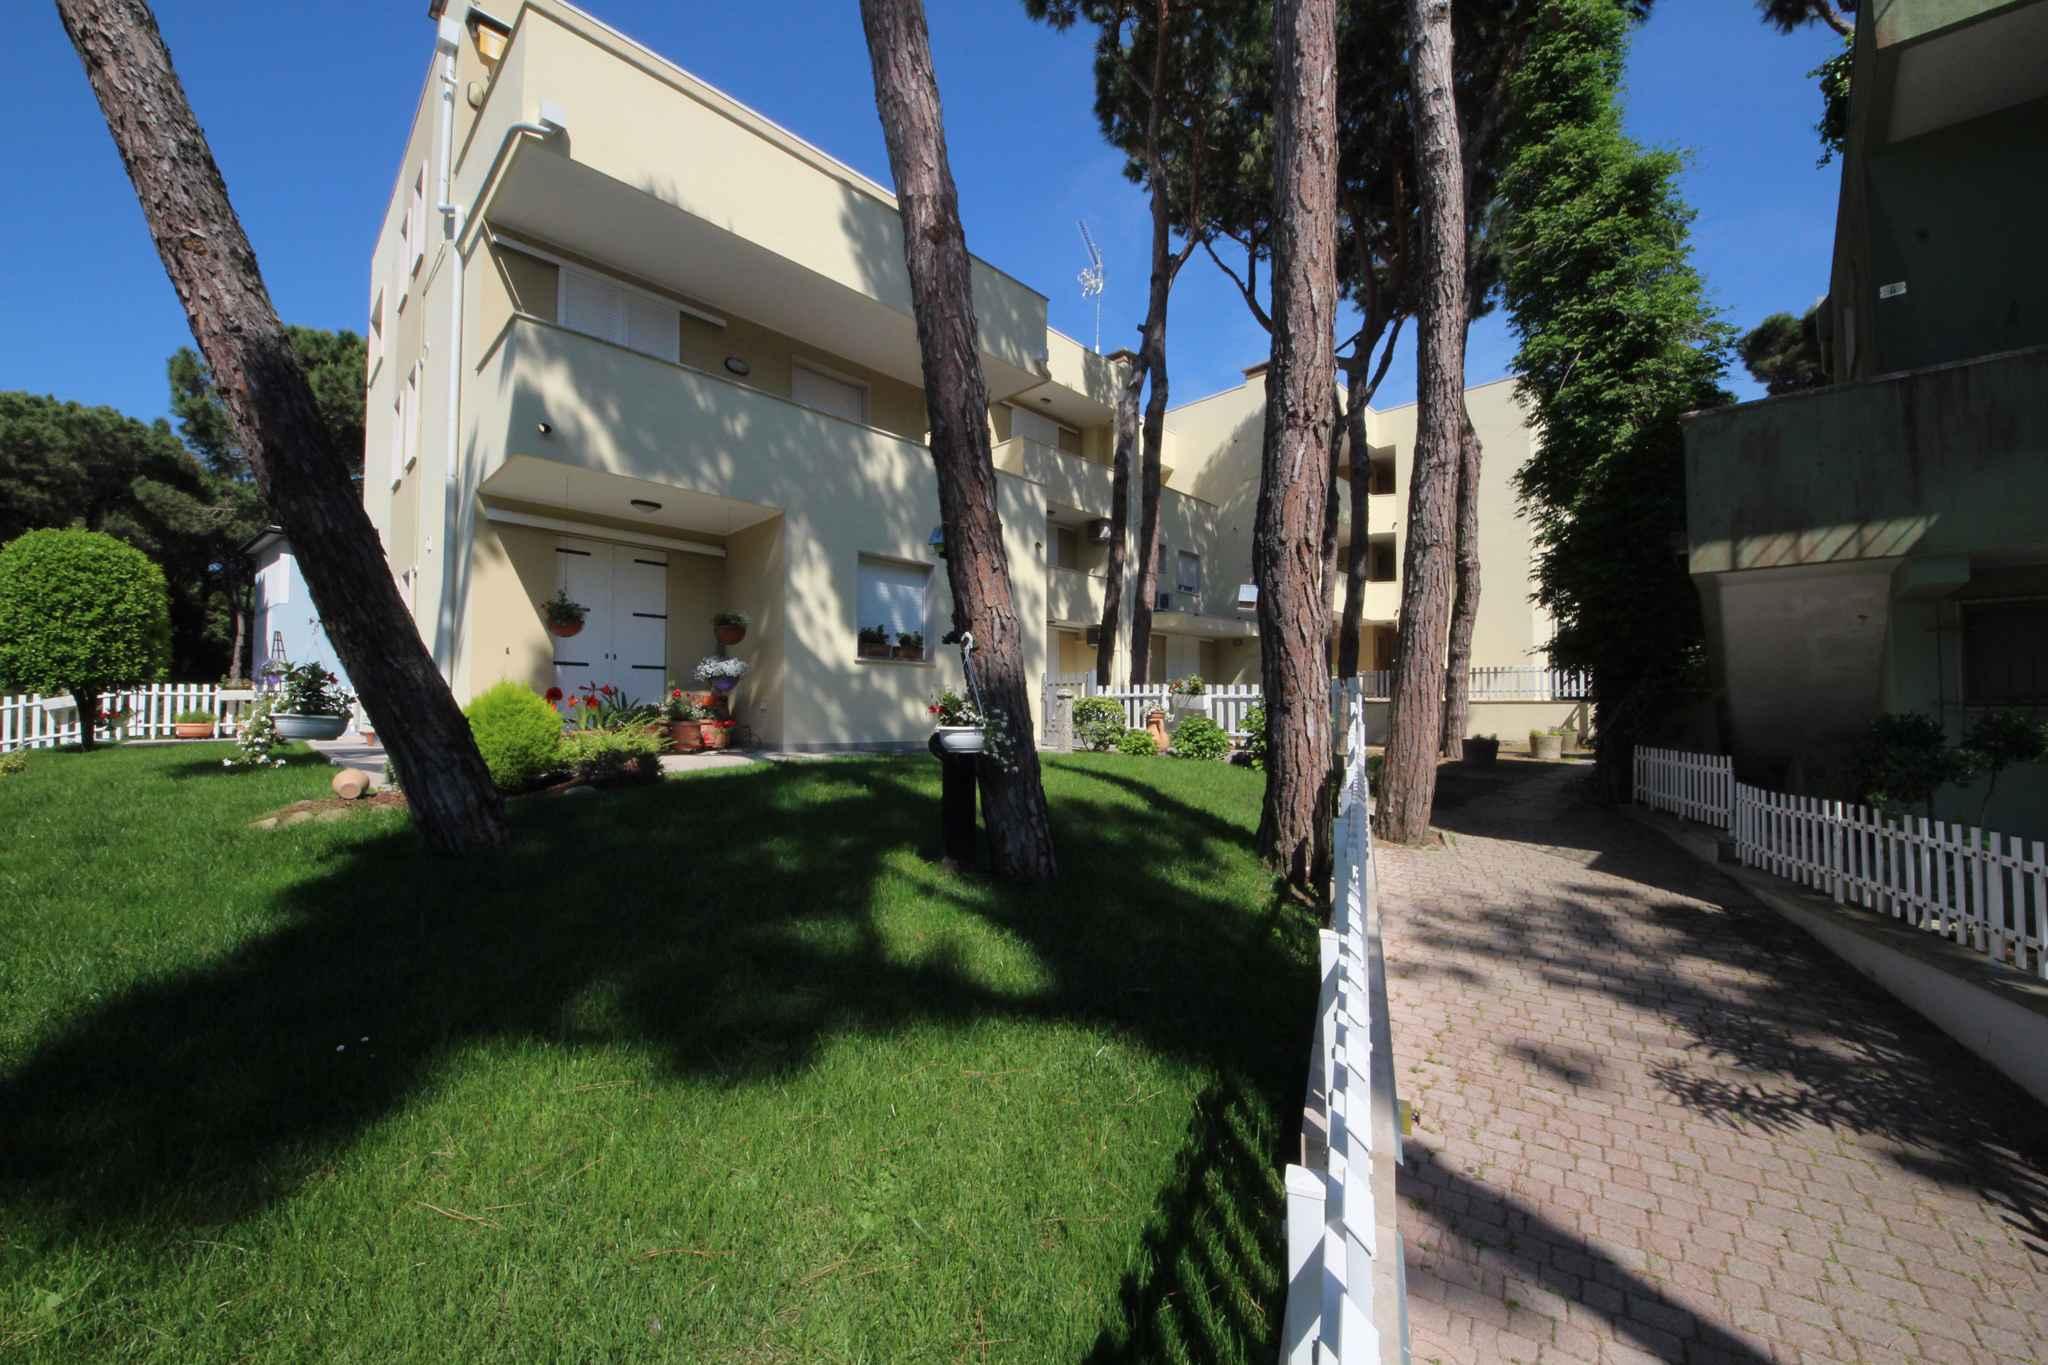 Ferienwohnung con terrazza o balcone (284301), Rosolina Mare, Rovigo, Venetien, Italien, Bild 2